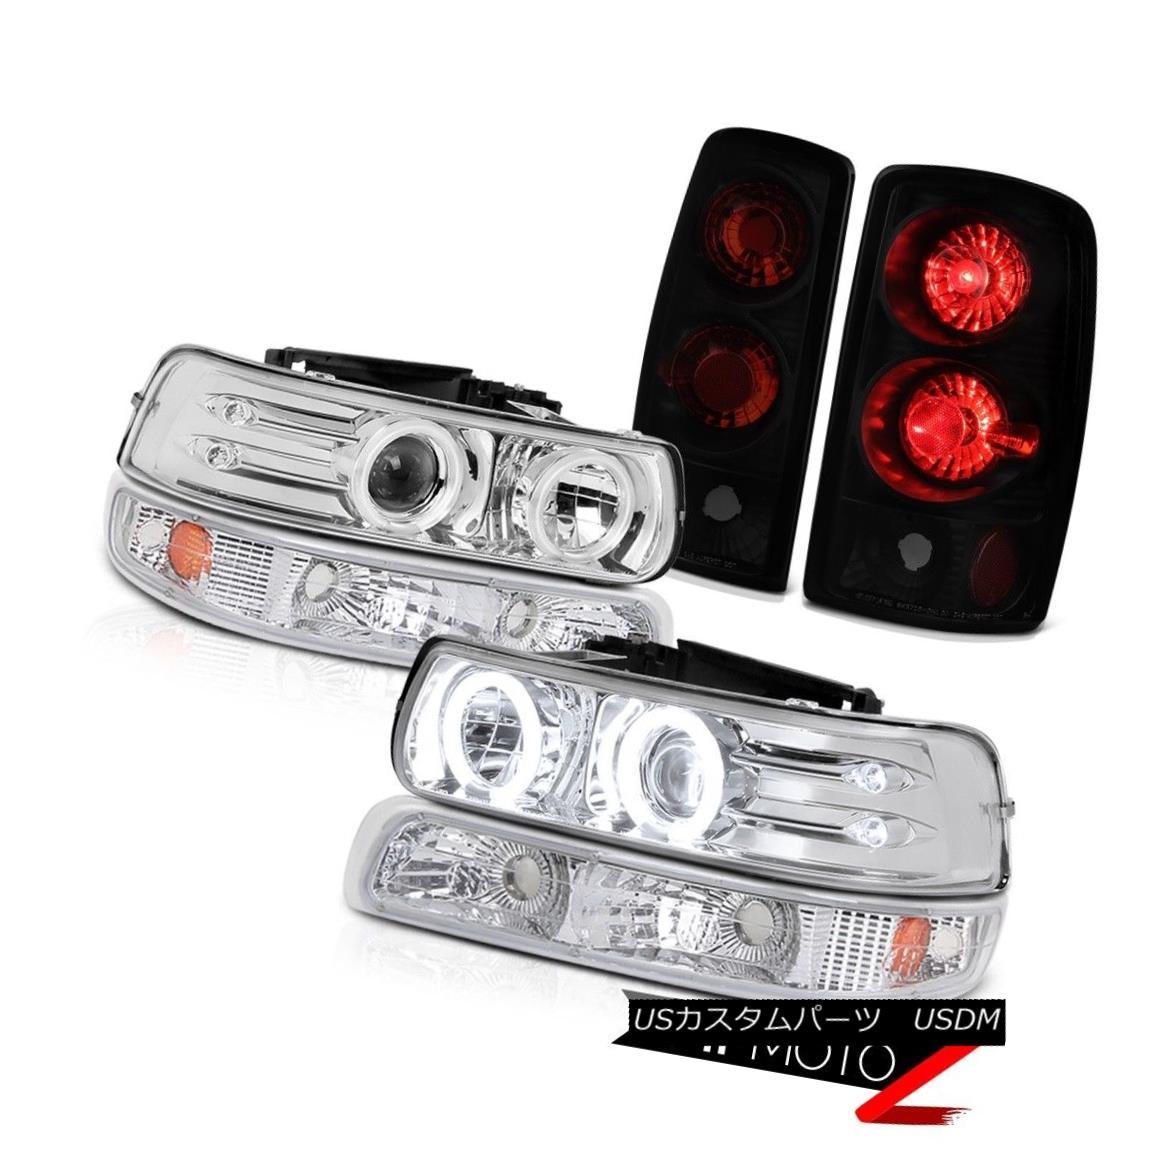 ヘッドライト C.C.F.L Rim Headlights Bumper Darkest Black Smoke Tail Light 00-06 Suburban 6.0L C.C.F.Lリムヘッドライトバンパーダークグレーブラックスモークテールライト00-06郊外6.0L